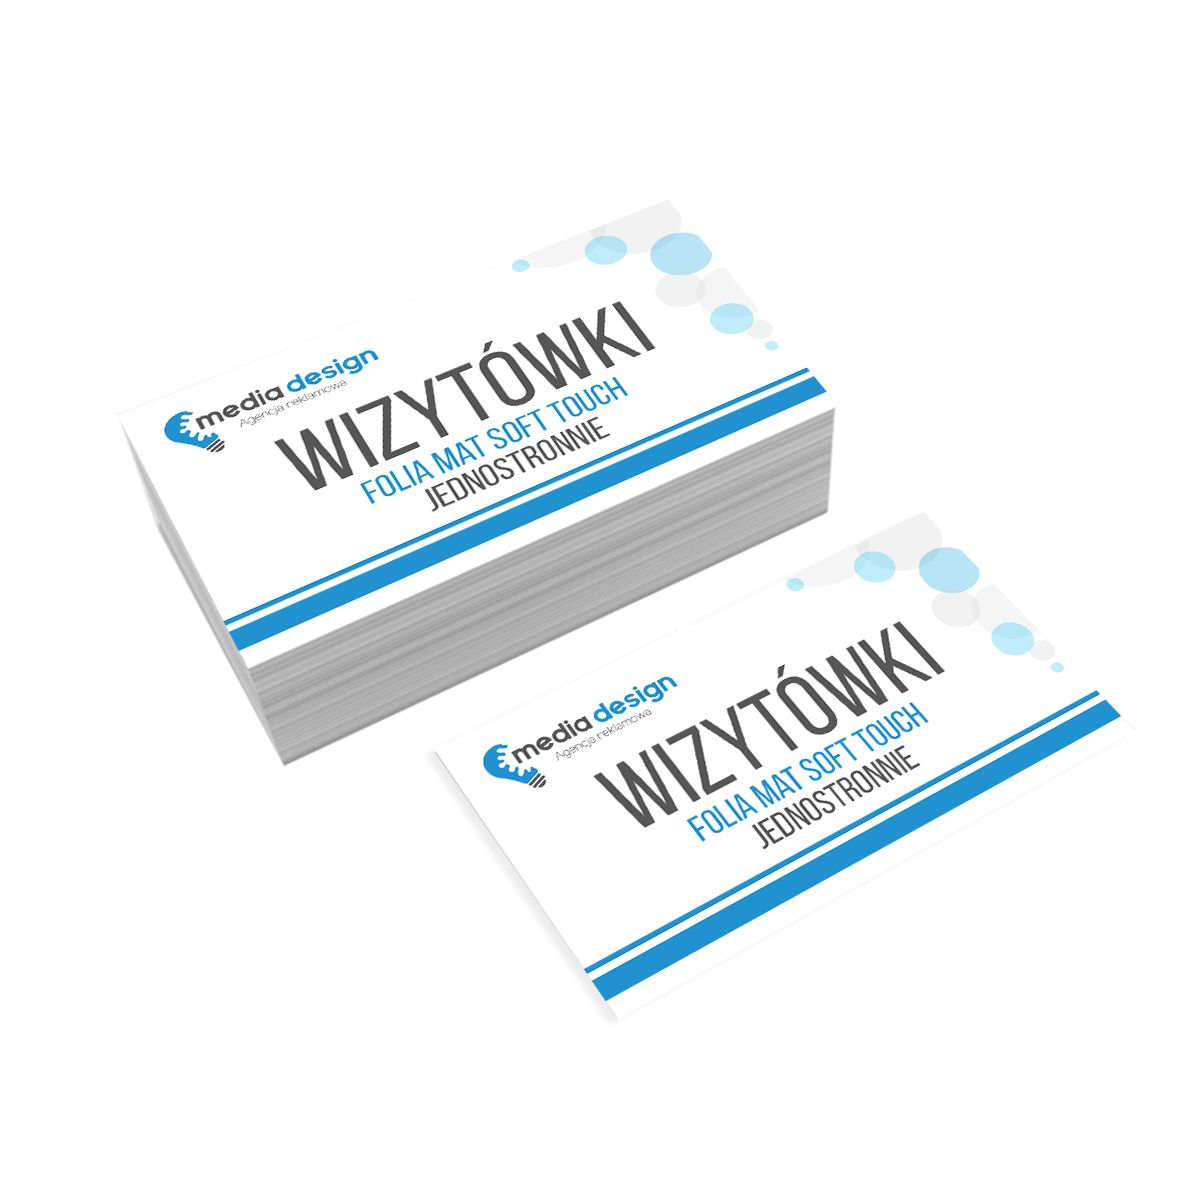 Wizytówki Extra 350g folia mat soft touch jednostronnie